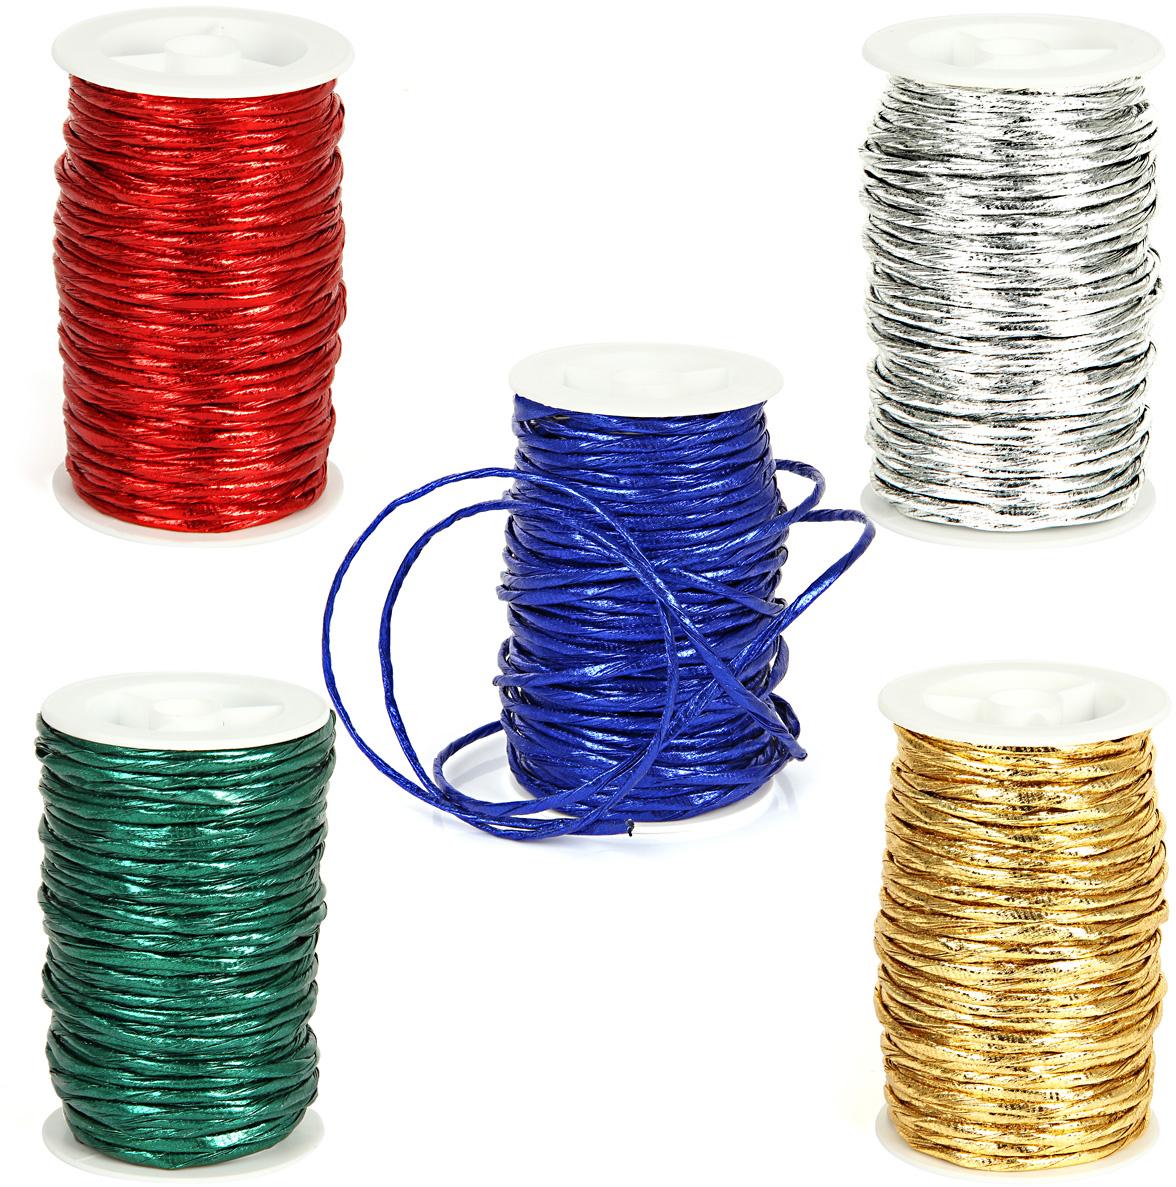 """Декоративный шнур """"Veld-Co"""" изготовлен из ПВХ. Его можно использовать для творчества в различных техниках,  таких как скрапбукинг, оформление аппликаций, для украшения фотоальбомов,  подарков и многого другого.  Толщина шнура: 3 мм.  Длина шнура: 20 м."""